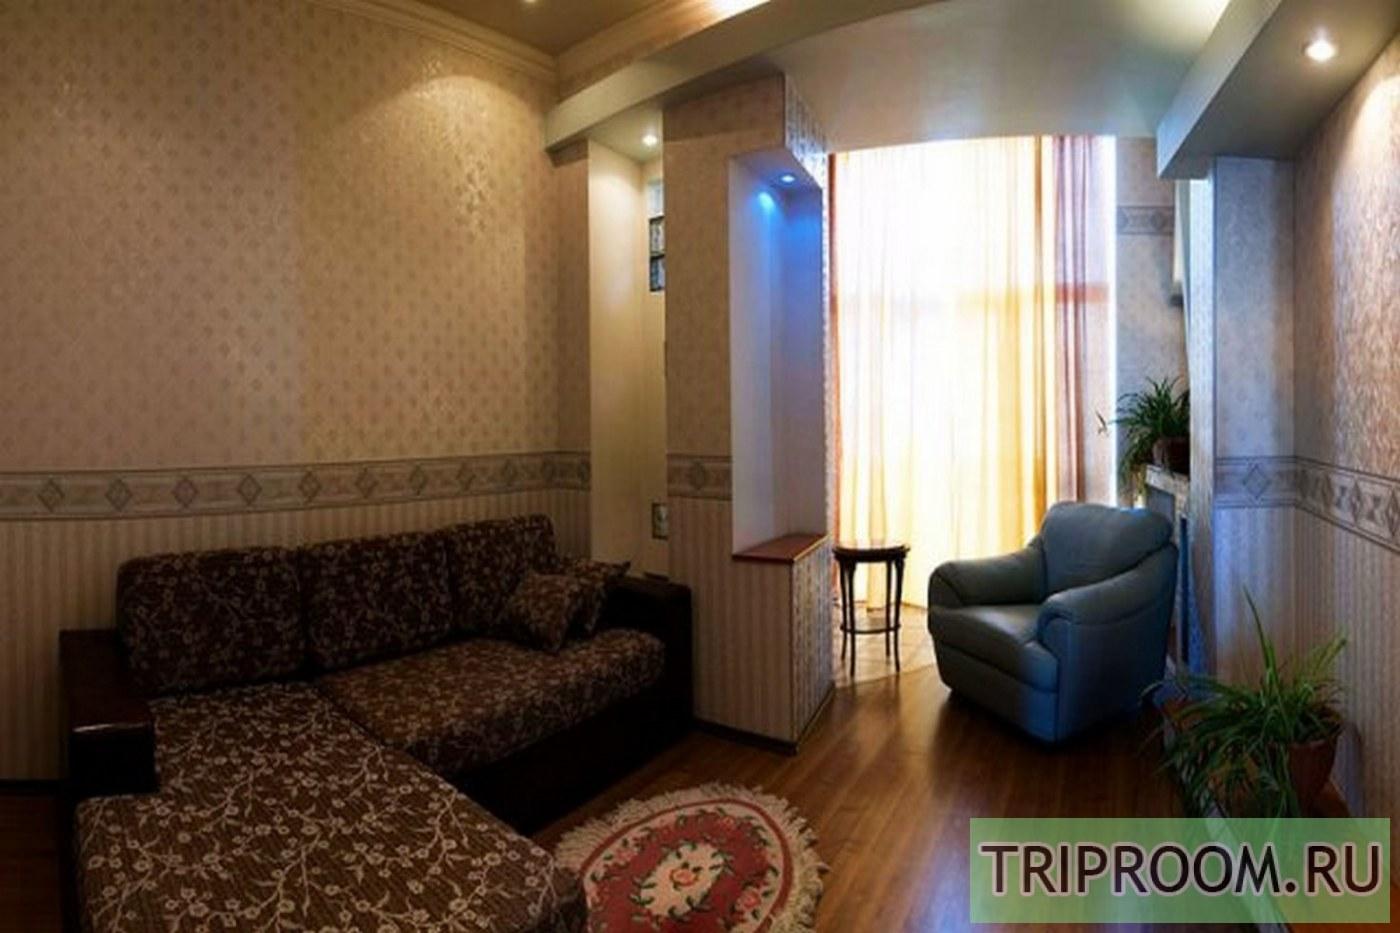 3-комнатная квартира посуточно (вариант № 39048), ул. Большая Морская улица, фото № 2